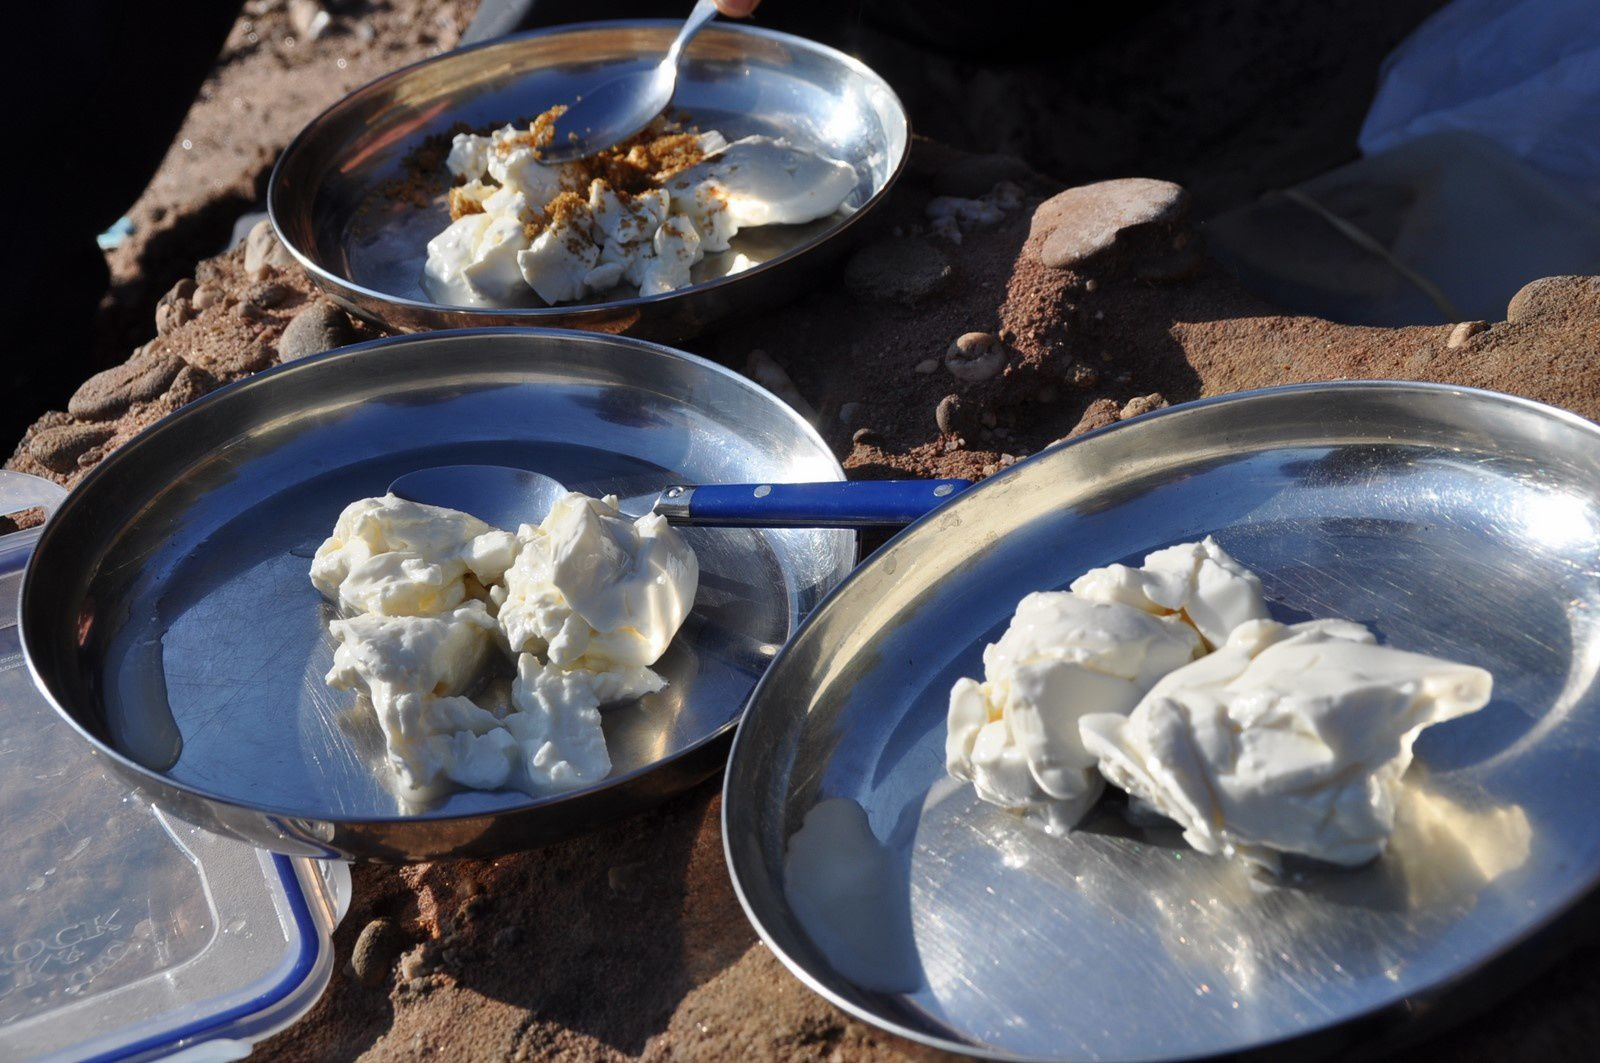 Notre déjeuner au bord du lac avec Sieskäse de Mad. en dessert